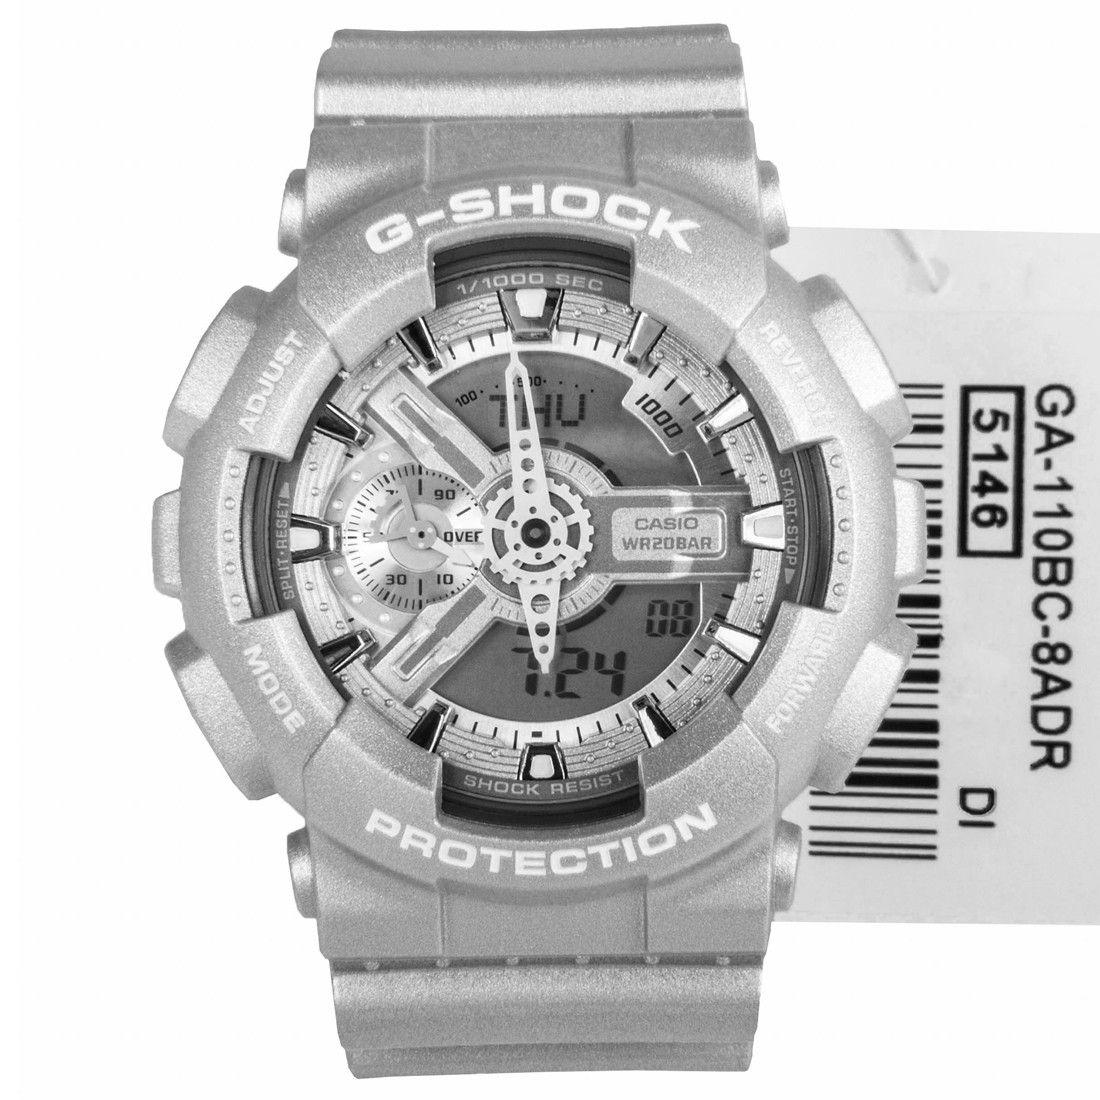 Casio G Shock Analog Digital Watch Ga 110bc 8a Ga110bc Stuff To 1000 8adr